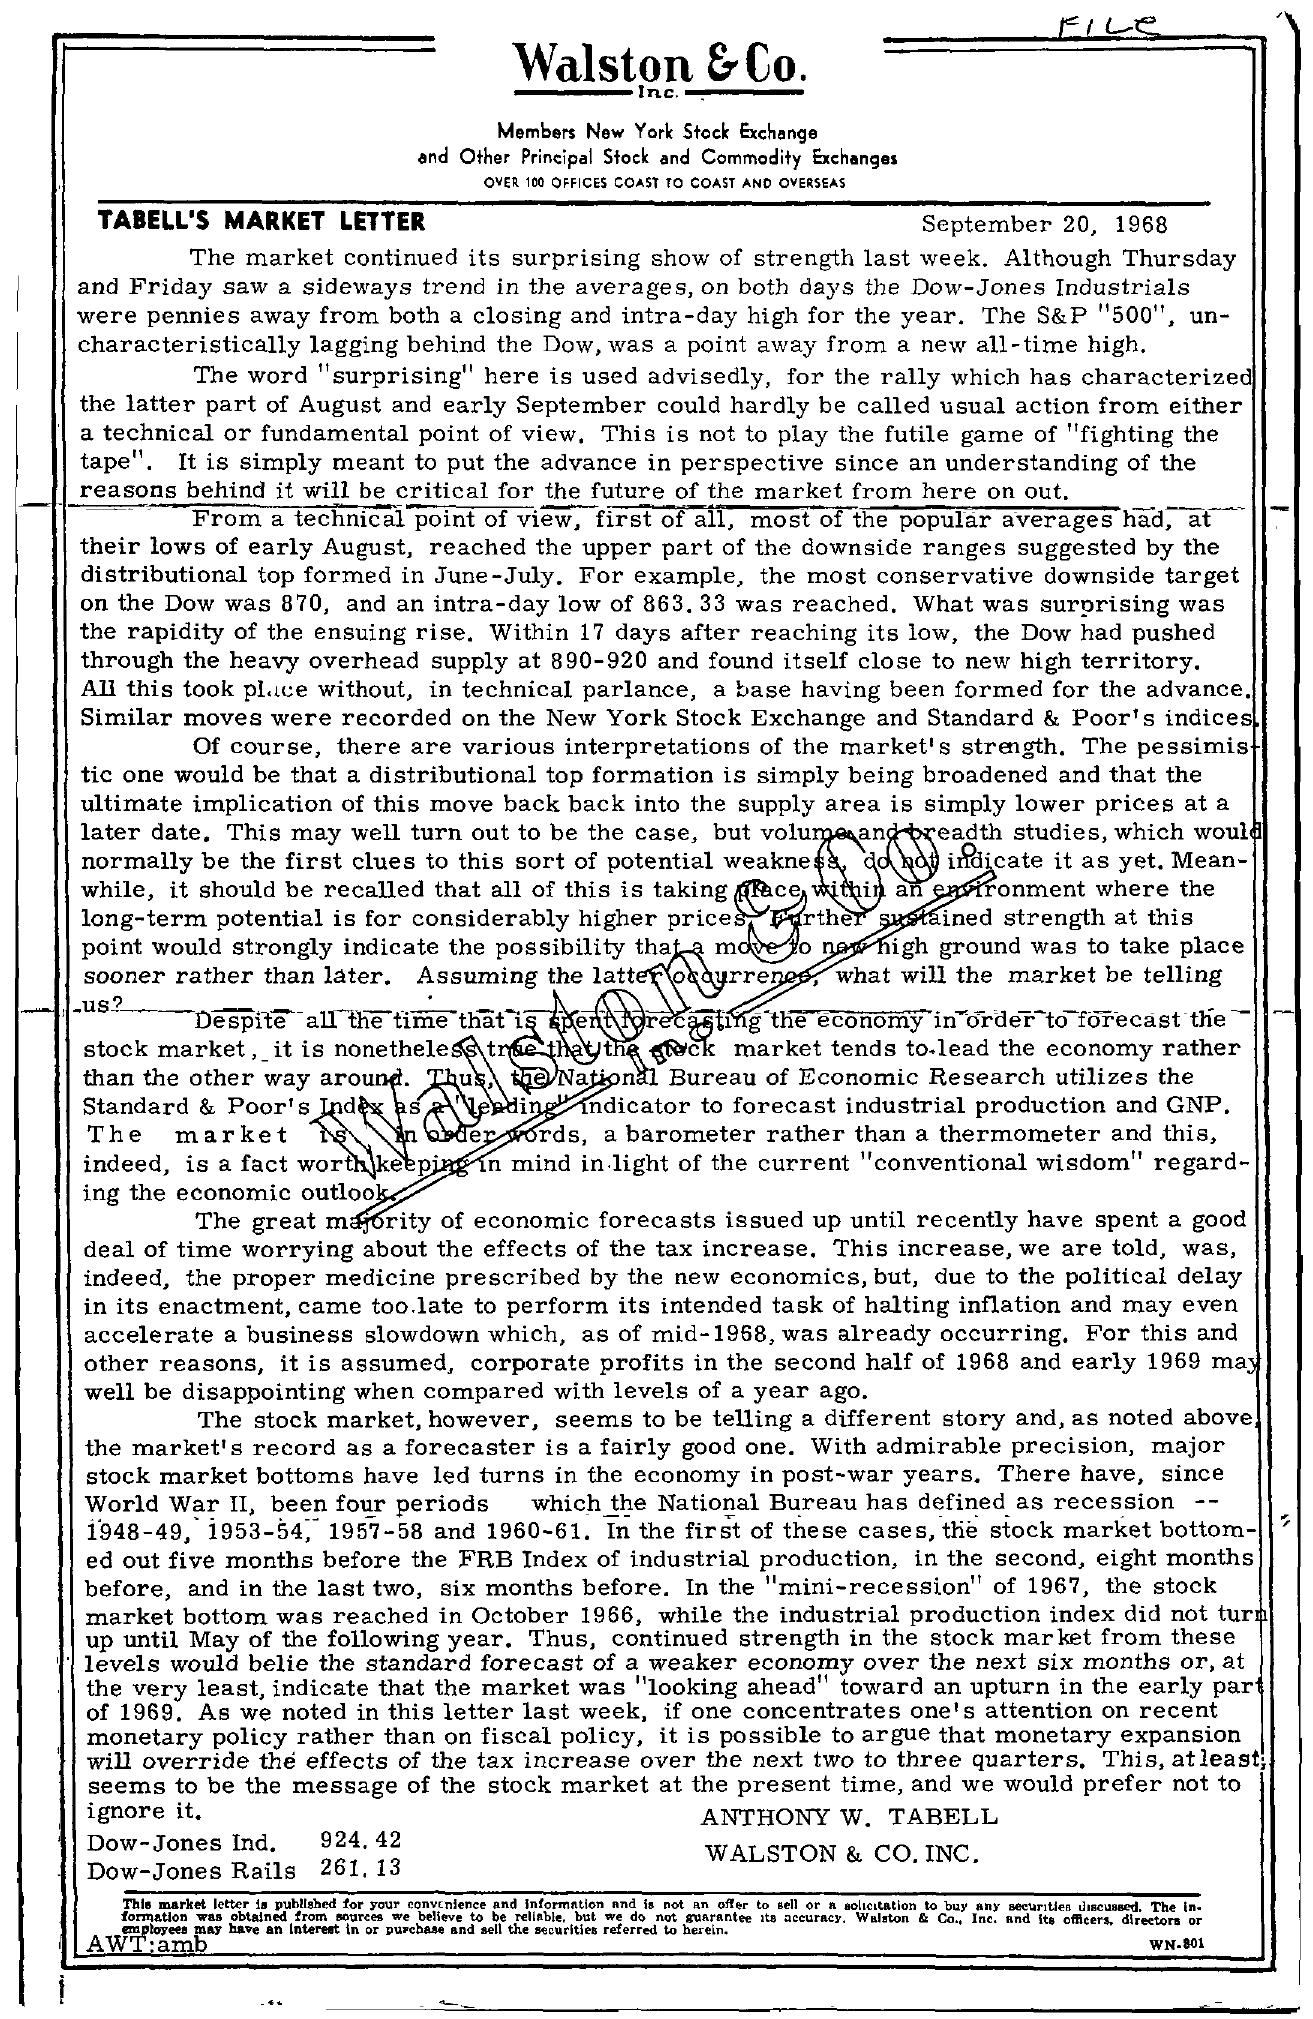 Tabell's Market Letter - September 20, 1968